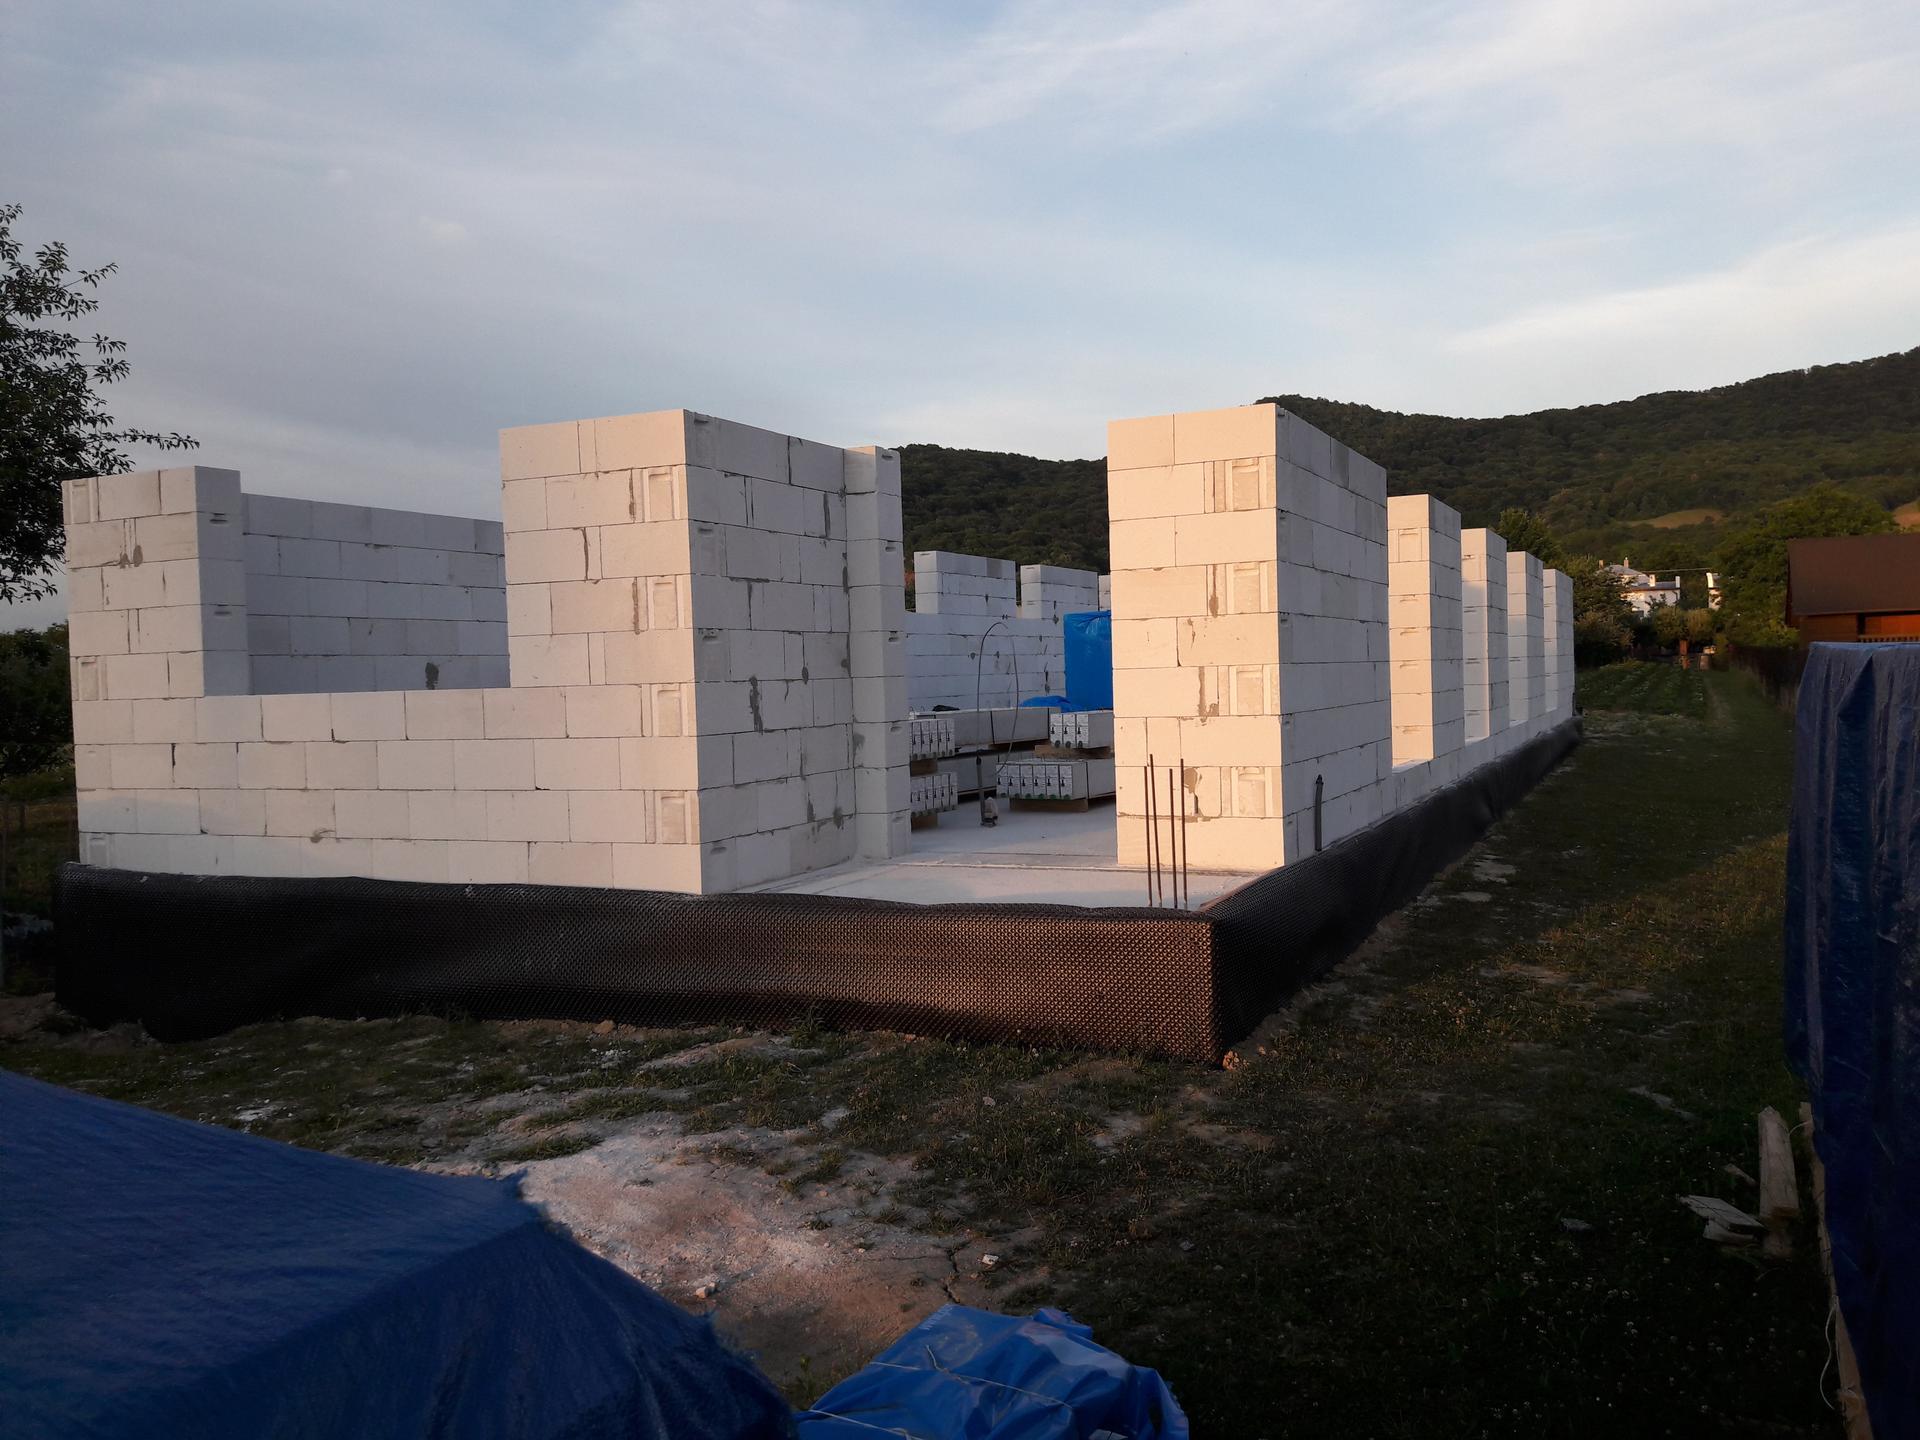 Hrubá stavba - Múry  trošku  povyrástli